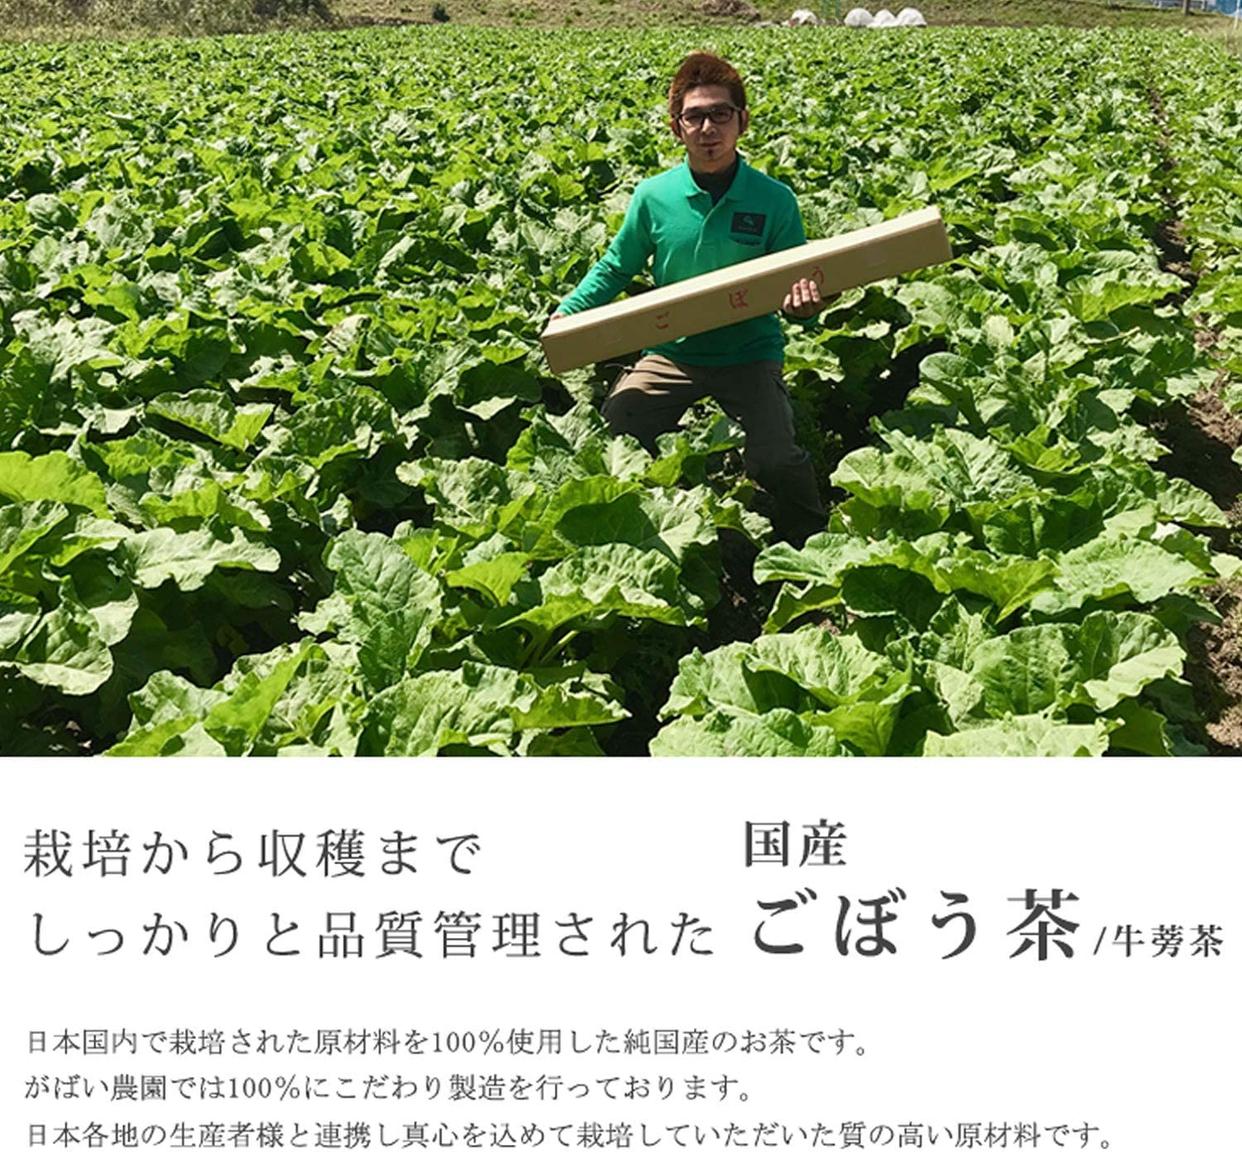 がばい農園 国産手作り ごぼう茶の商品画像2